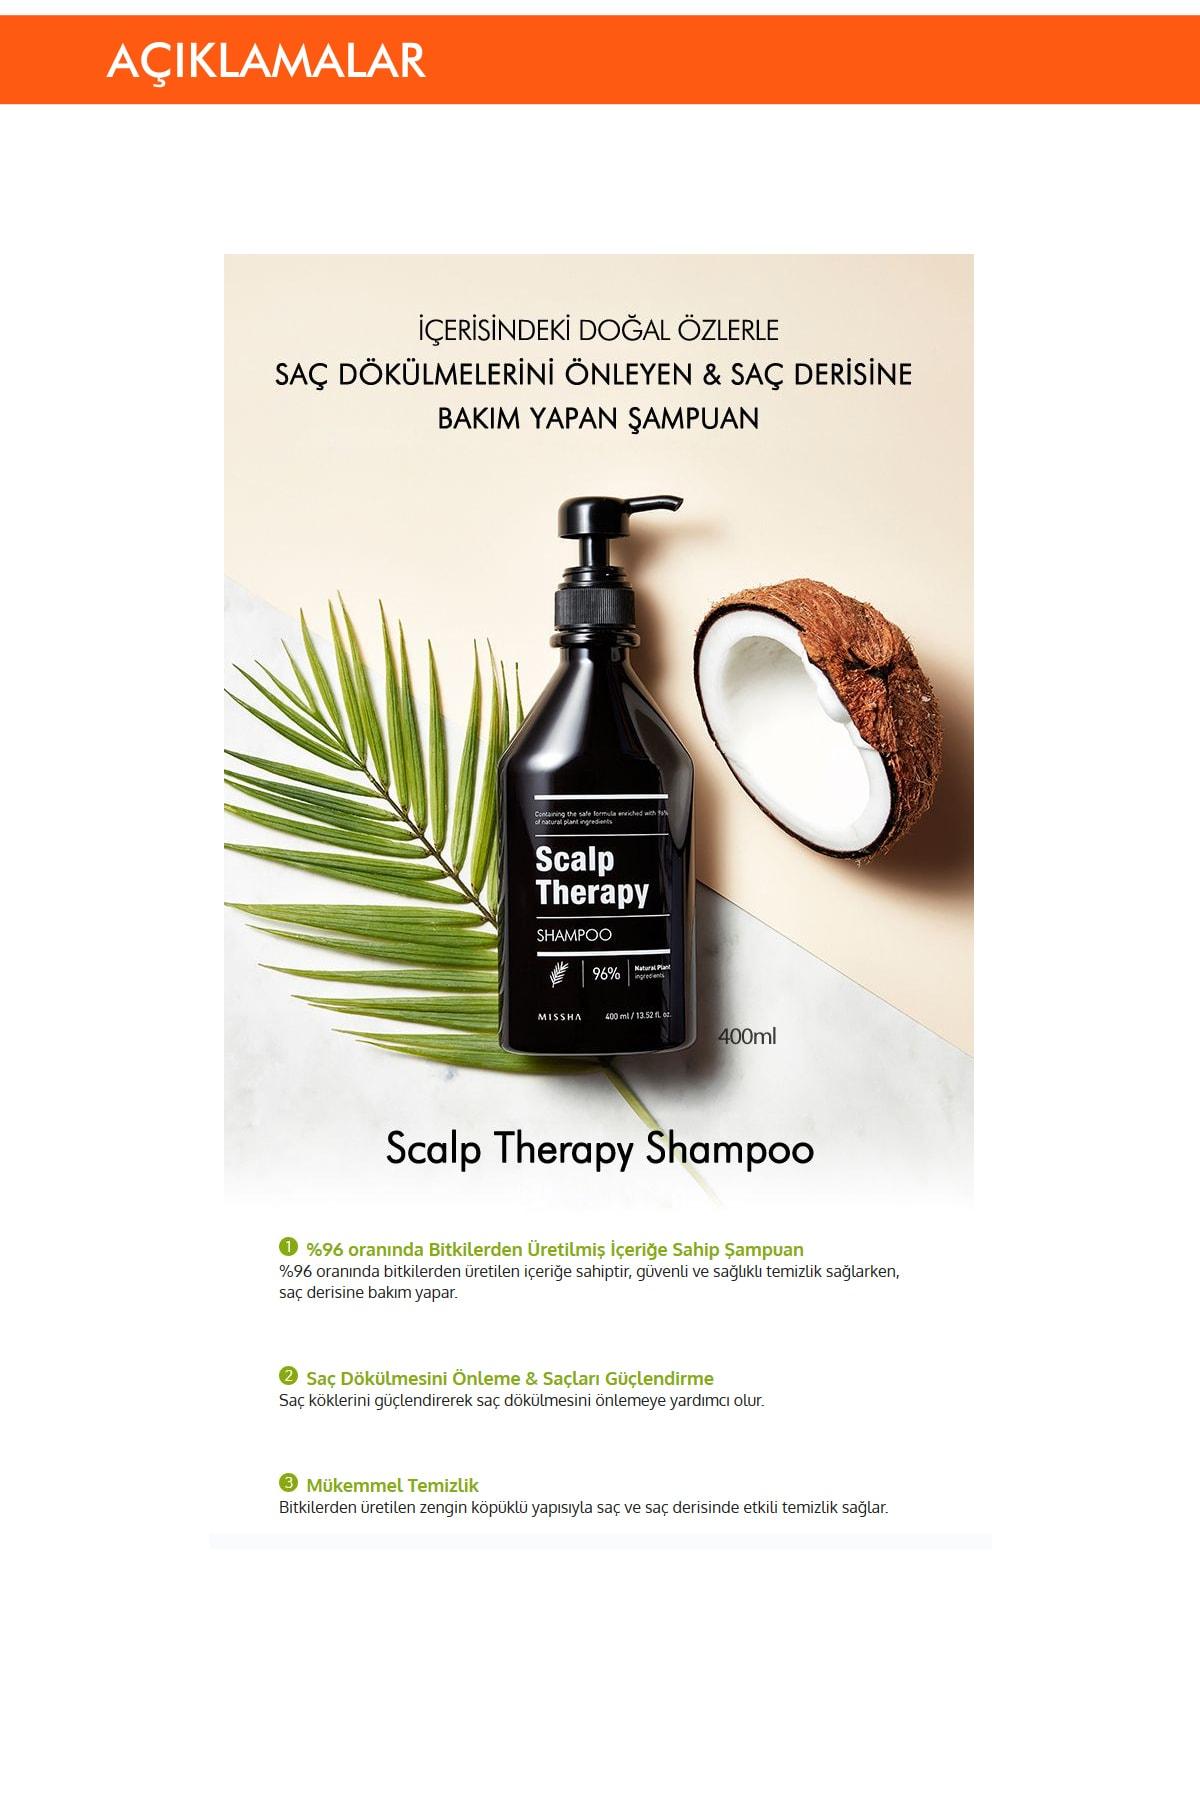 Missha Dökülme Karşıtı Bitkisel Şampuan (400ml) Scalp Therapy Shampoo 8809530054338 2